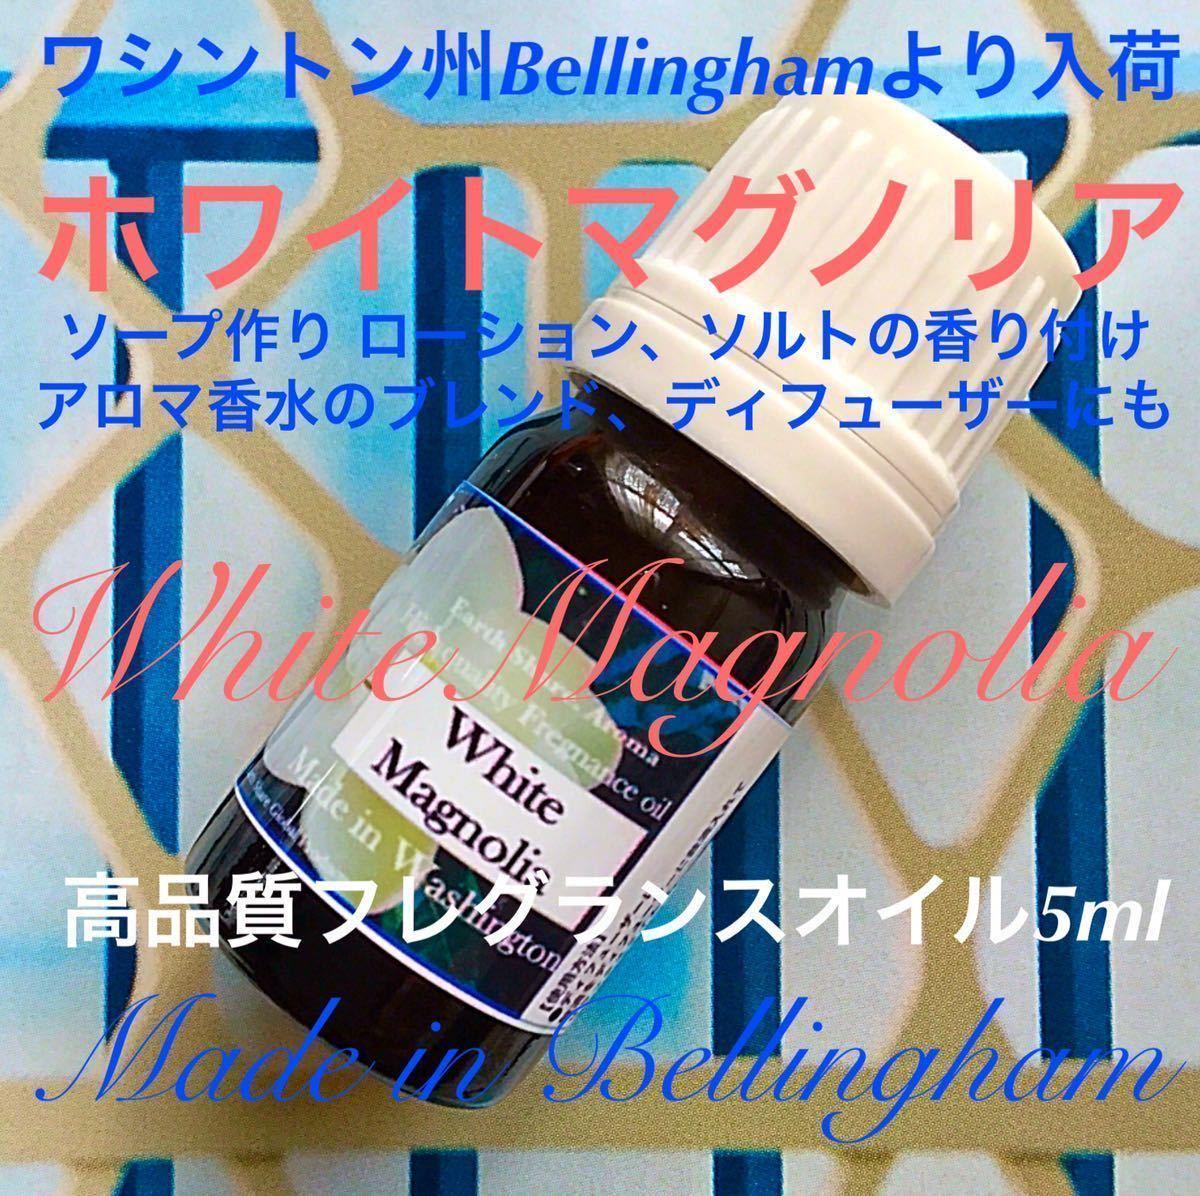 Bellinghamより入荷ハイクオリティフレグランスオイルマグノリア5ml